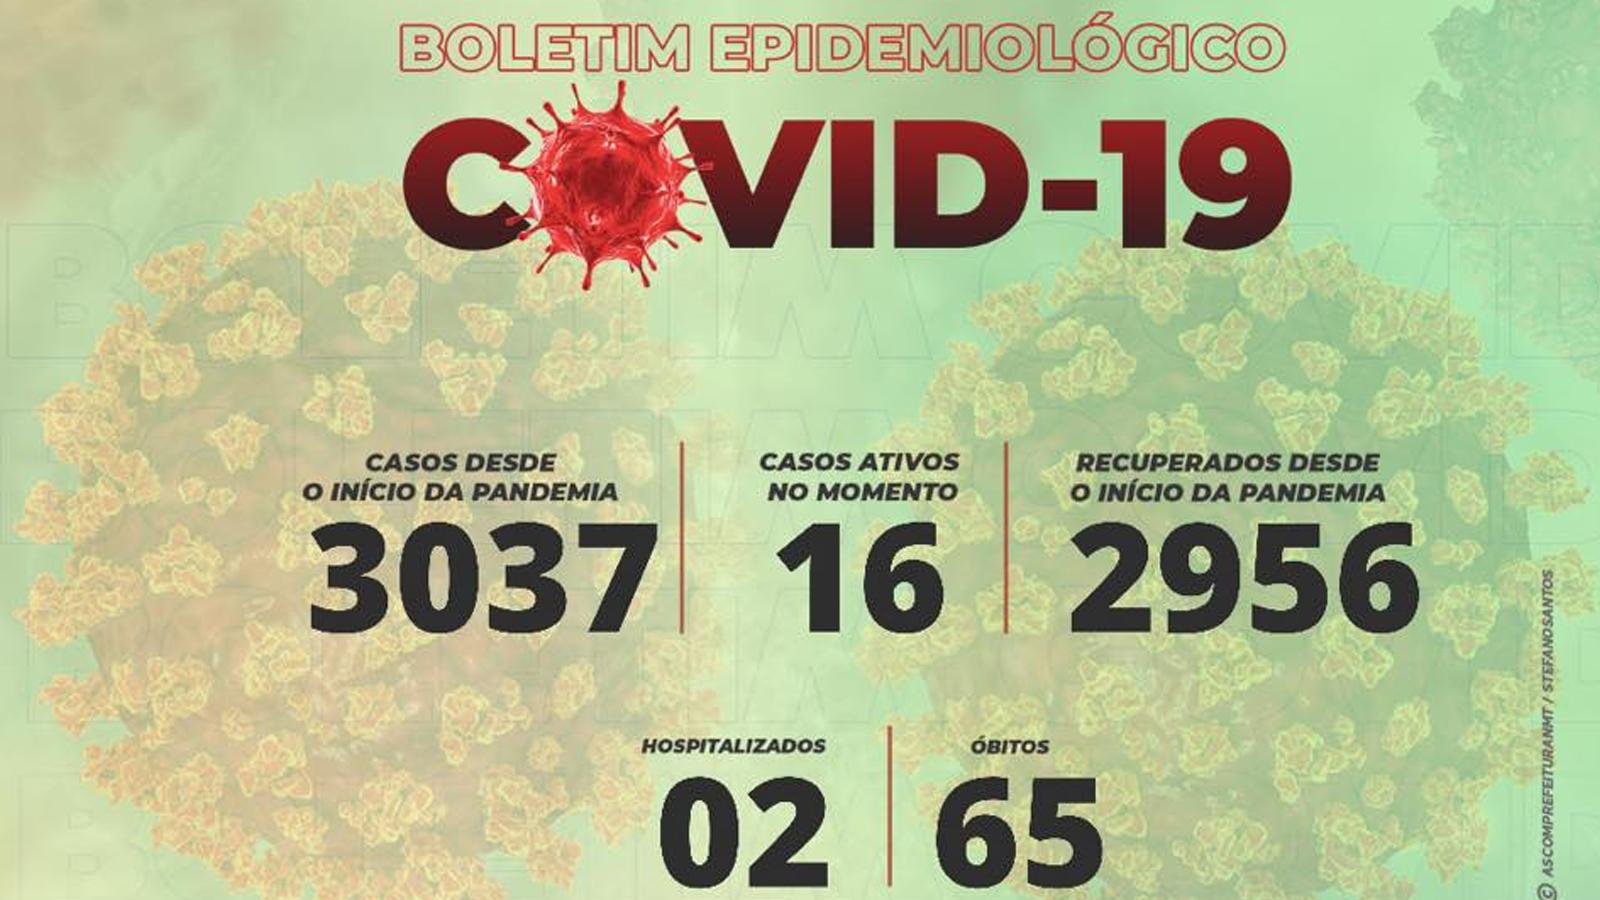 Coronavírus: Não-Me-Toque segue com redução no número de casos ativos